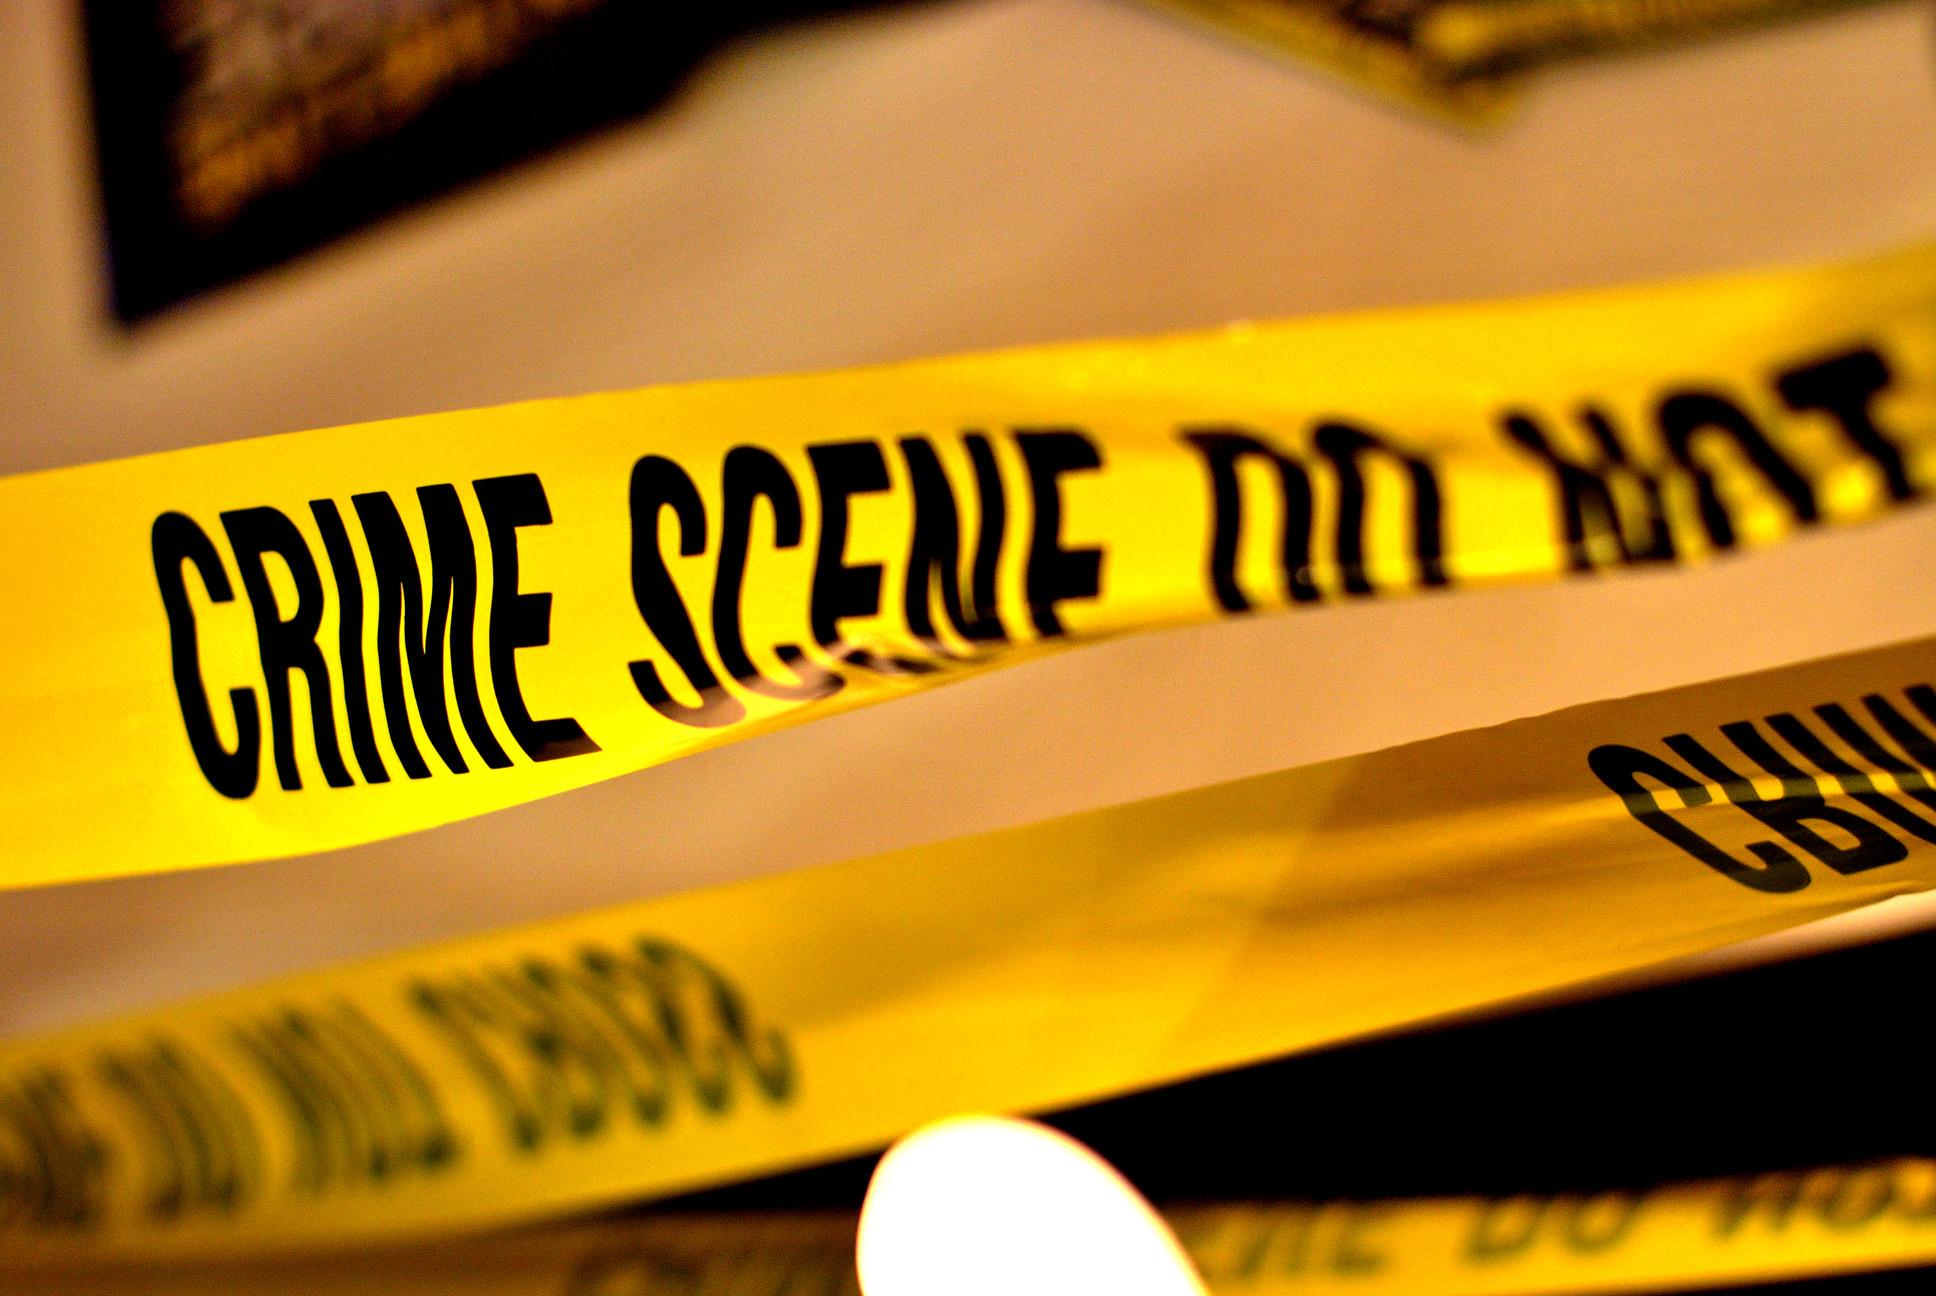 Do Not Cross: Crime Scene Tape